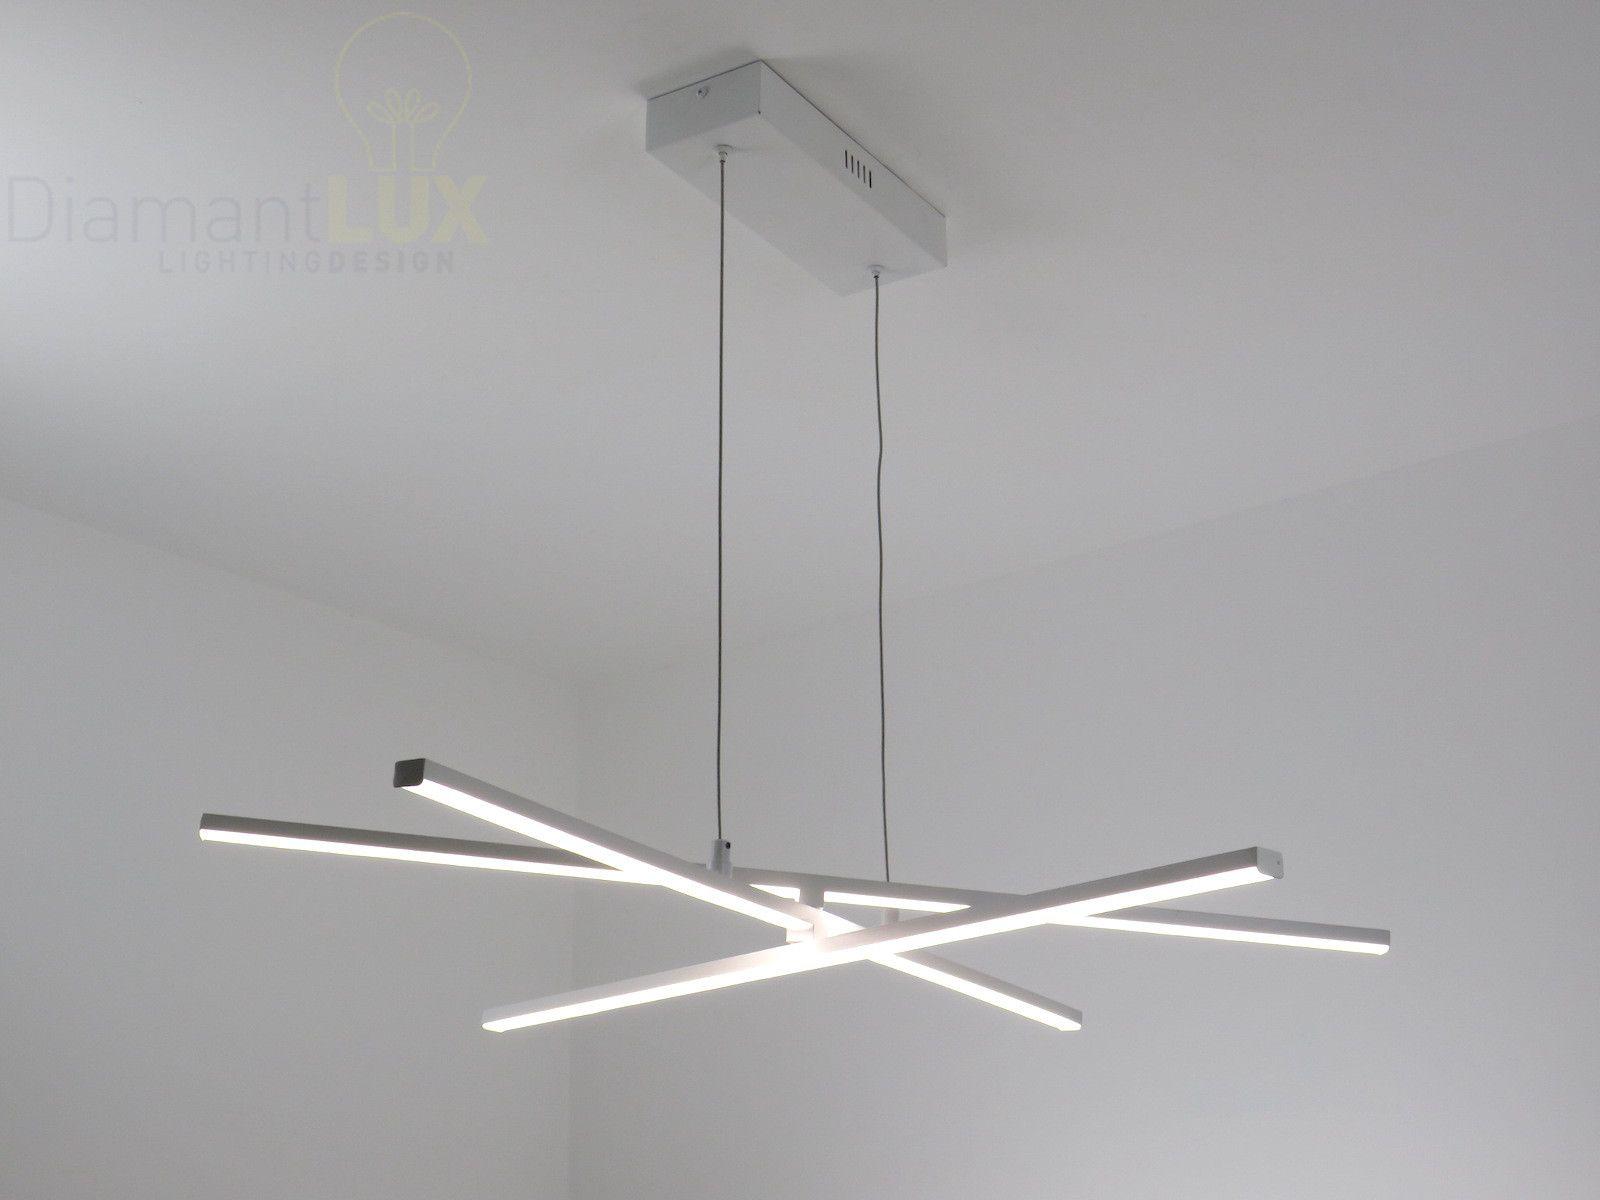 Diamantlux Sally S Lampadario Moderno A Led Design Per Cucina Camera Salone Soggiorno Bagno Nel 2020 Lampadari Moderni Lampadario Design Moderno